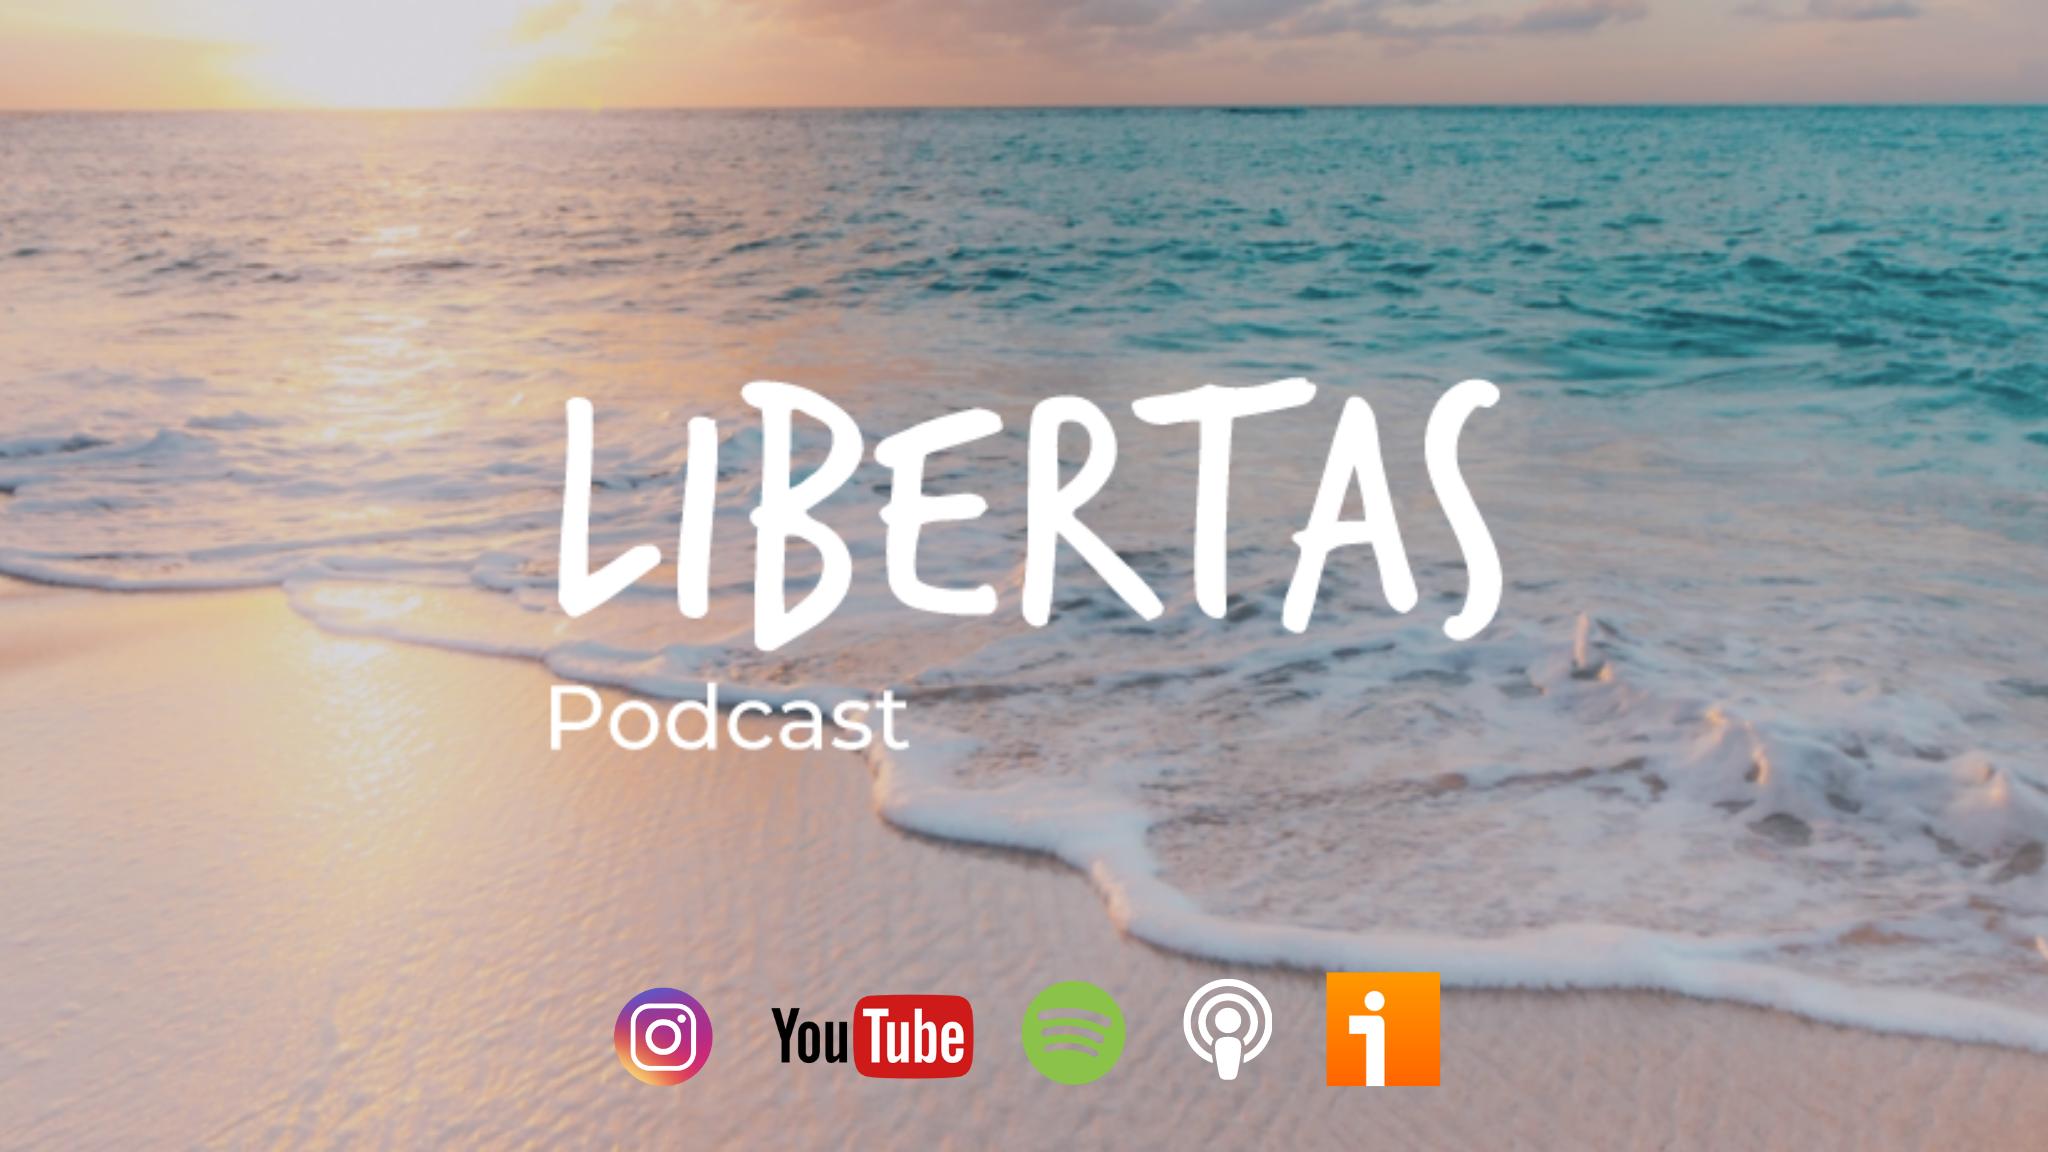 Libertas Podcast - Agustín Blanco - agustinblanco.com